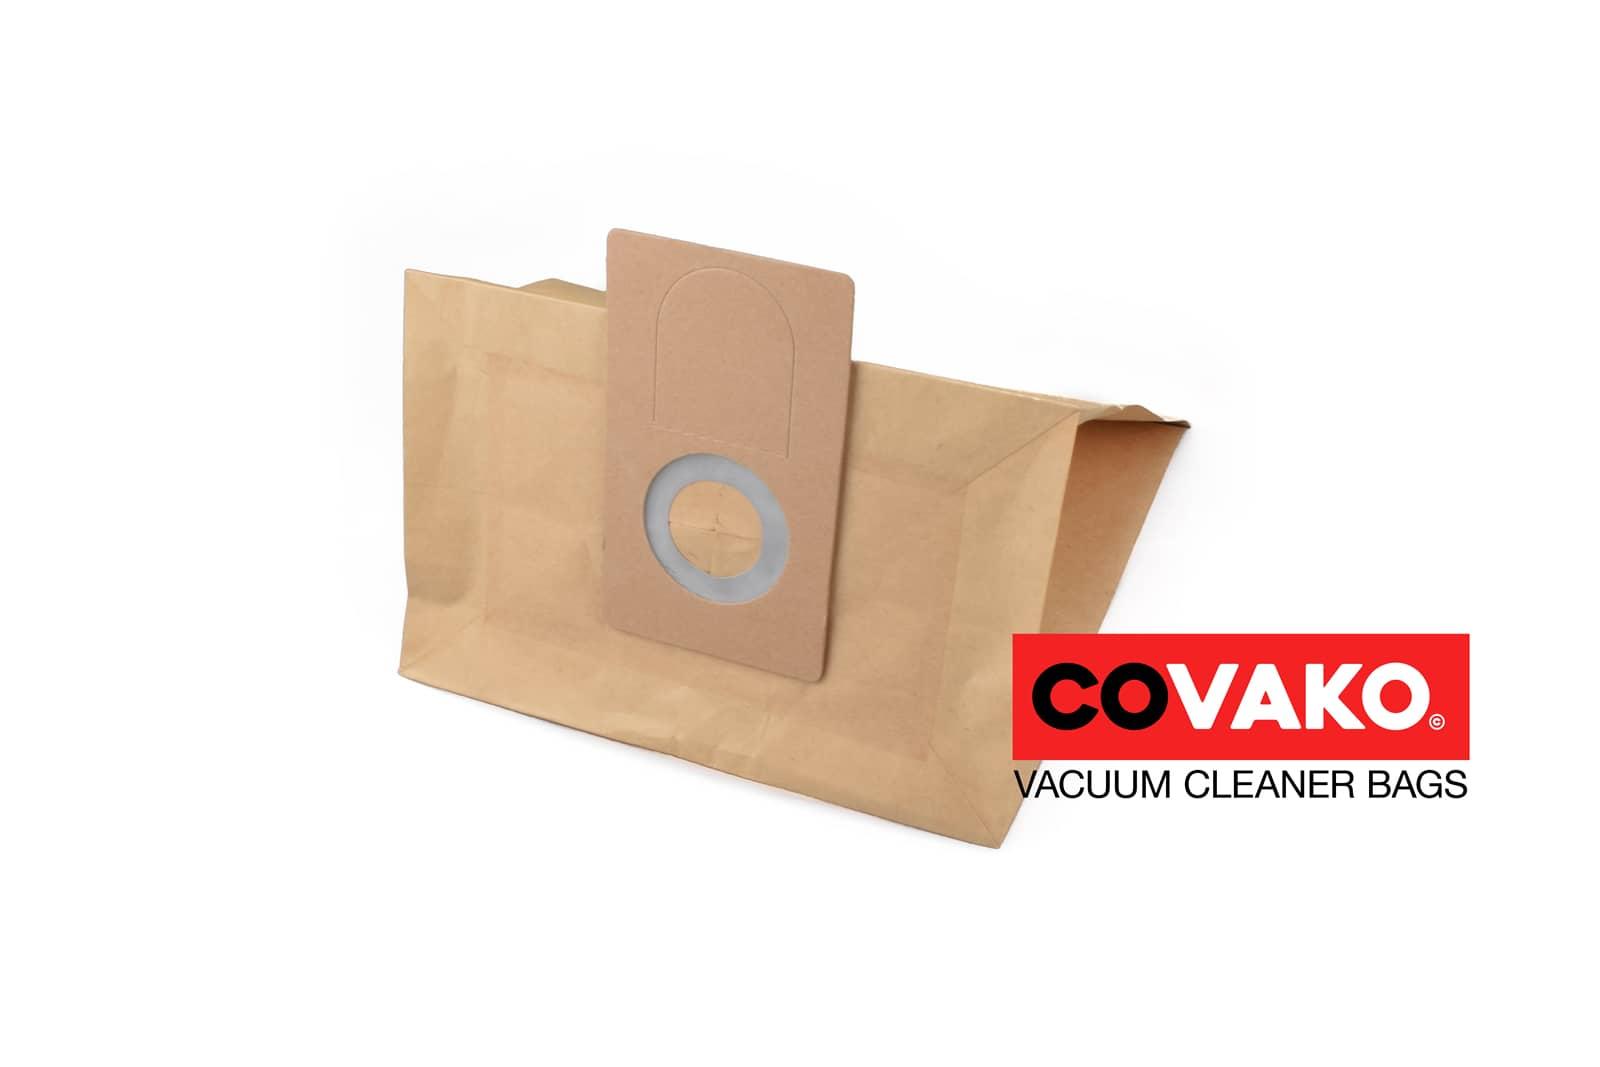 Lorito S11 / Papier - Lorito sacs d'aspirateur